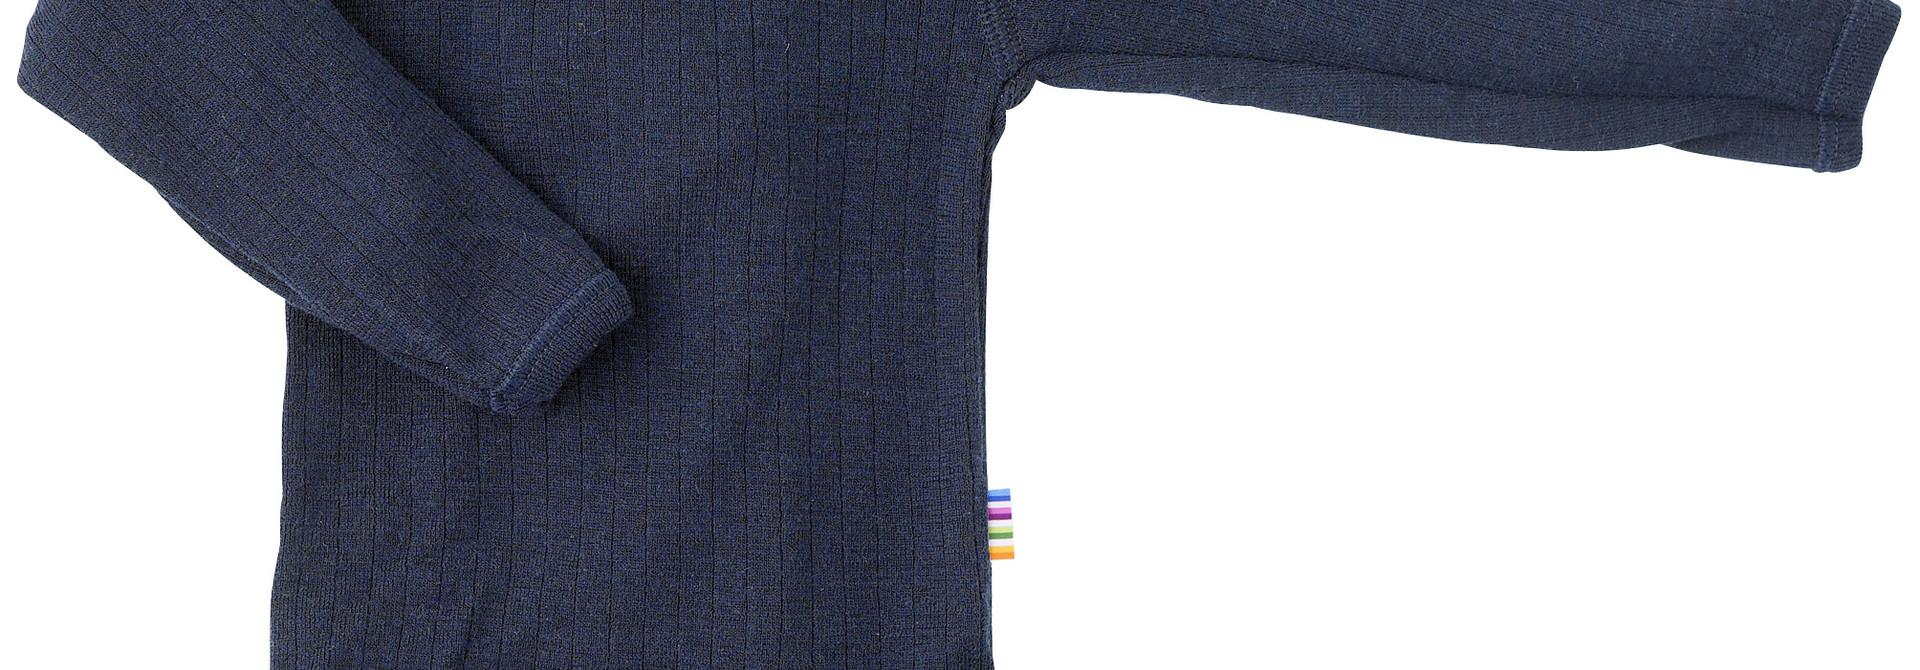 Body longsleeve - merino wool